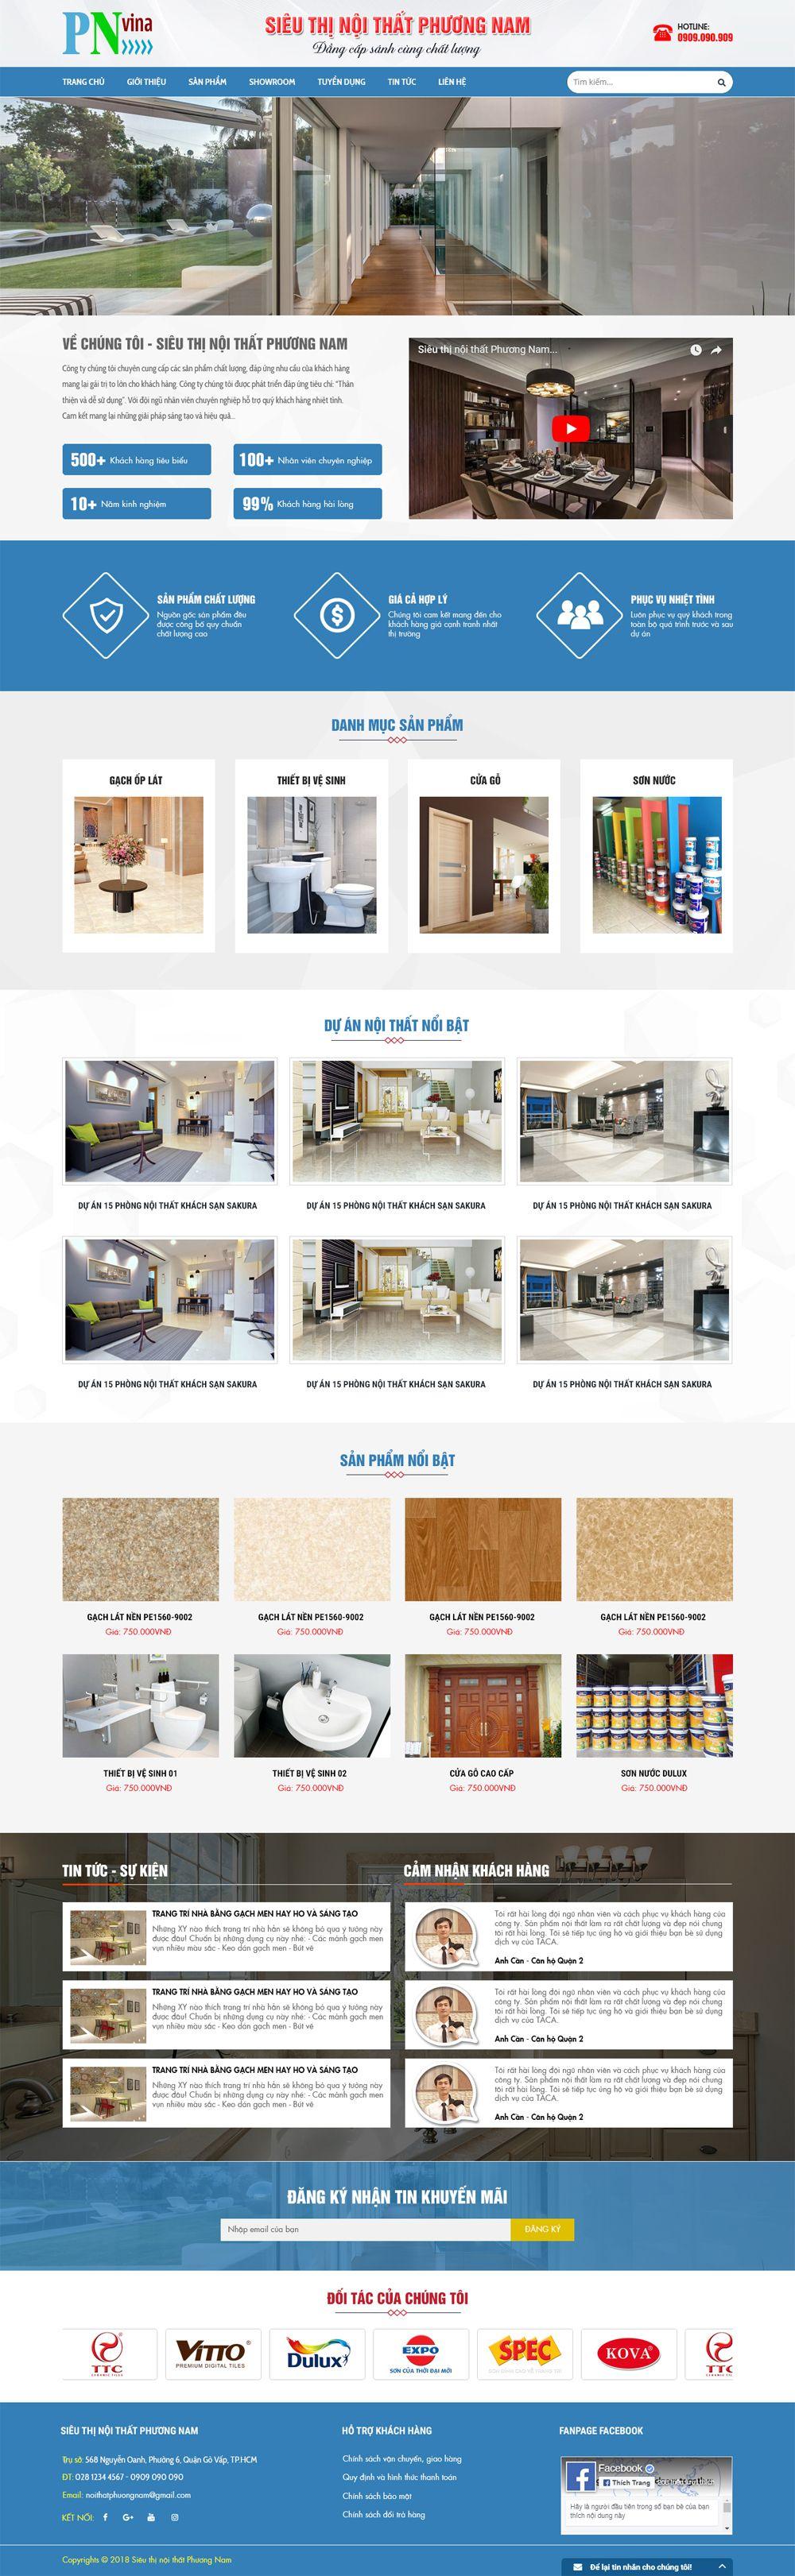 MS17 - Giao diện web bán hàng